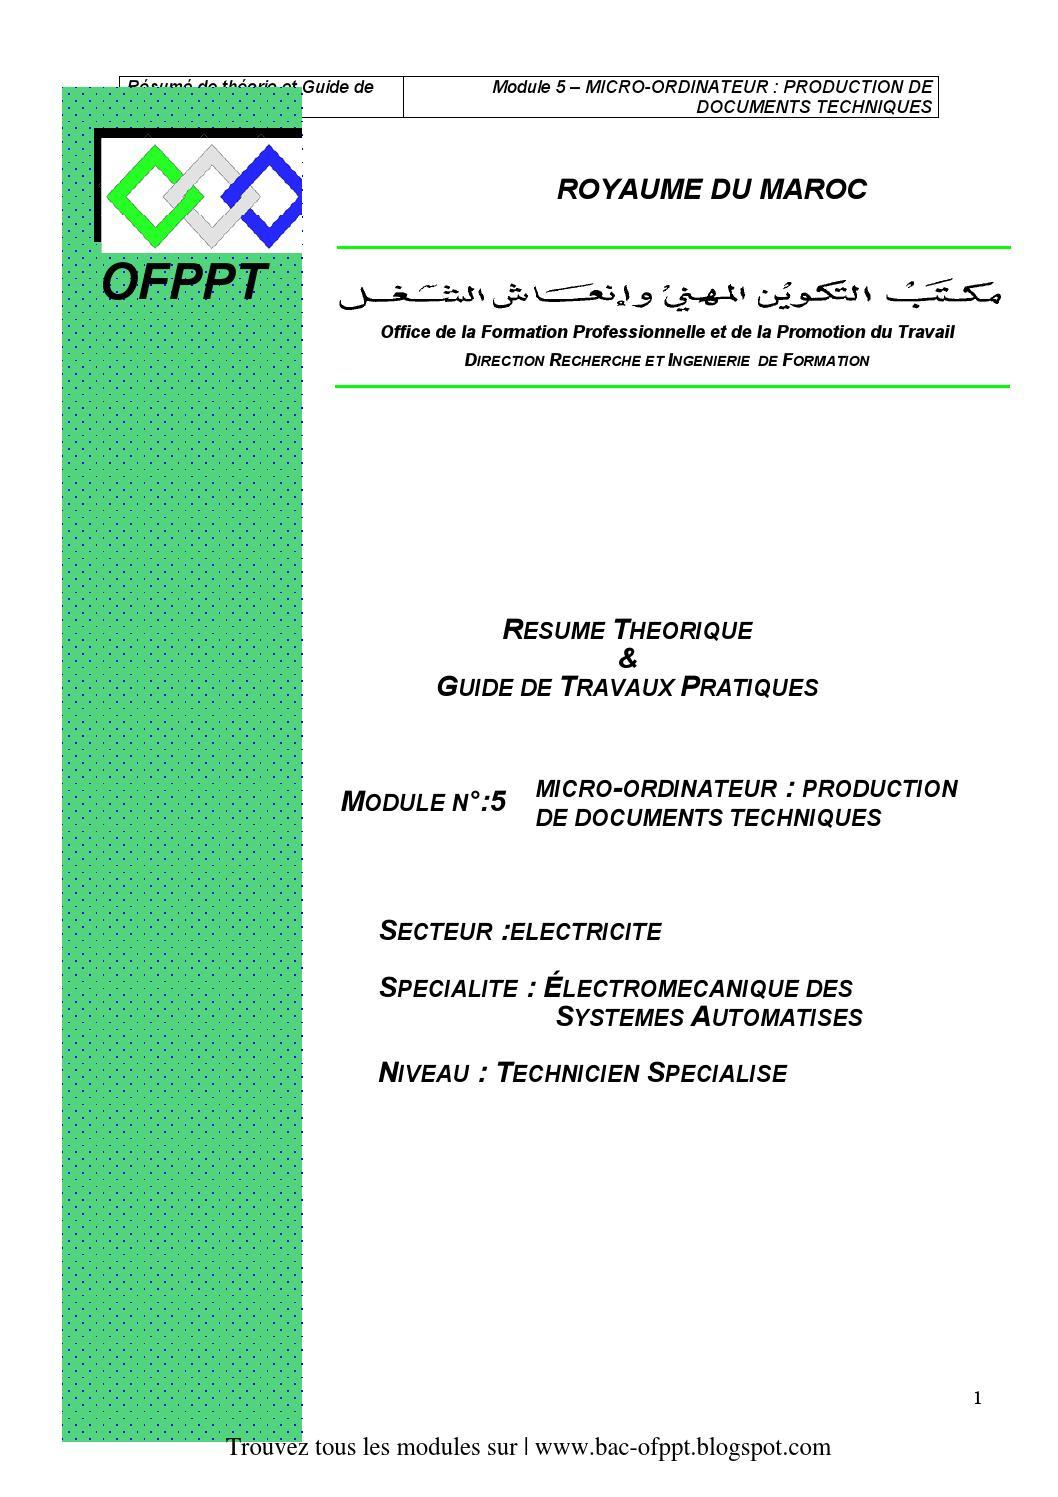 m05 micro ordinateur  production de documents techniques ge esa by ju suf